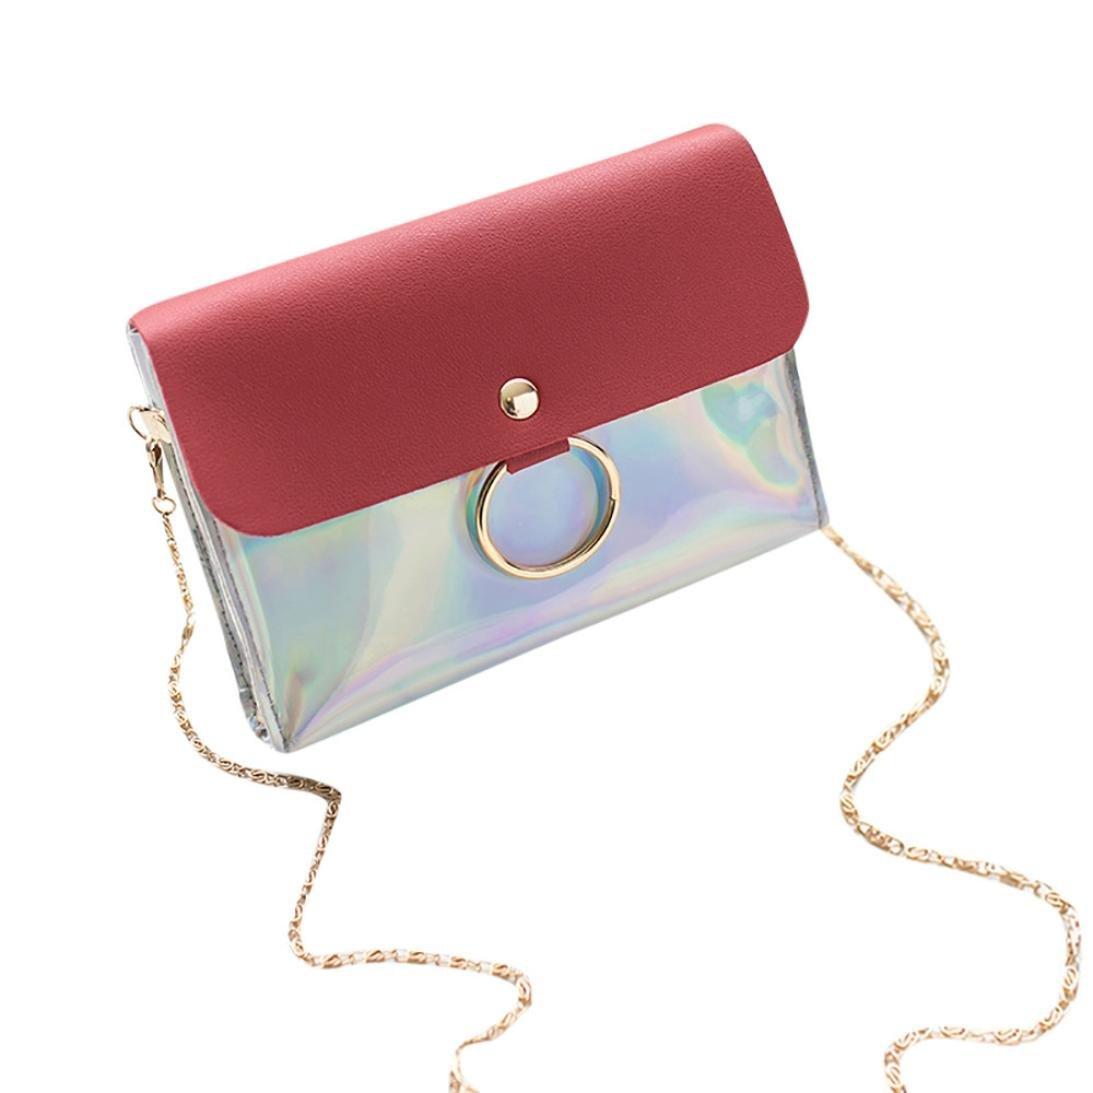 Mujeres lentejuelas de la manera cubren bolso del bolso de la bolsa del bolso de la bolsa de la bolsa de hombro del bolso de Crossbody ☚Longra: Amazon.es: ...